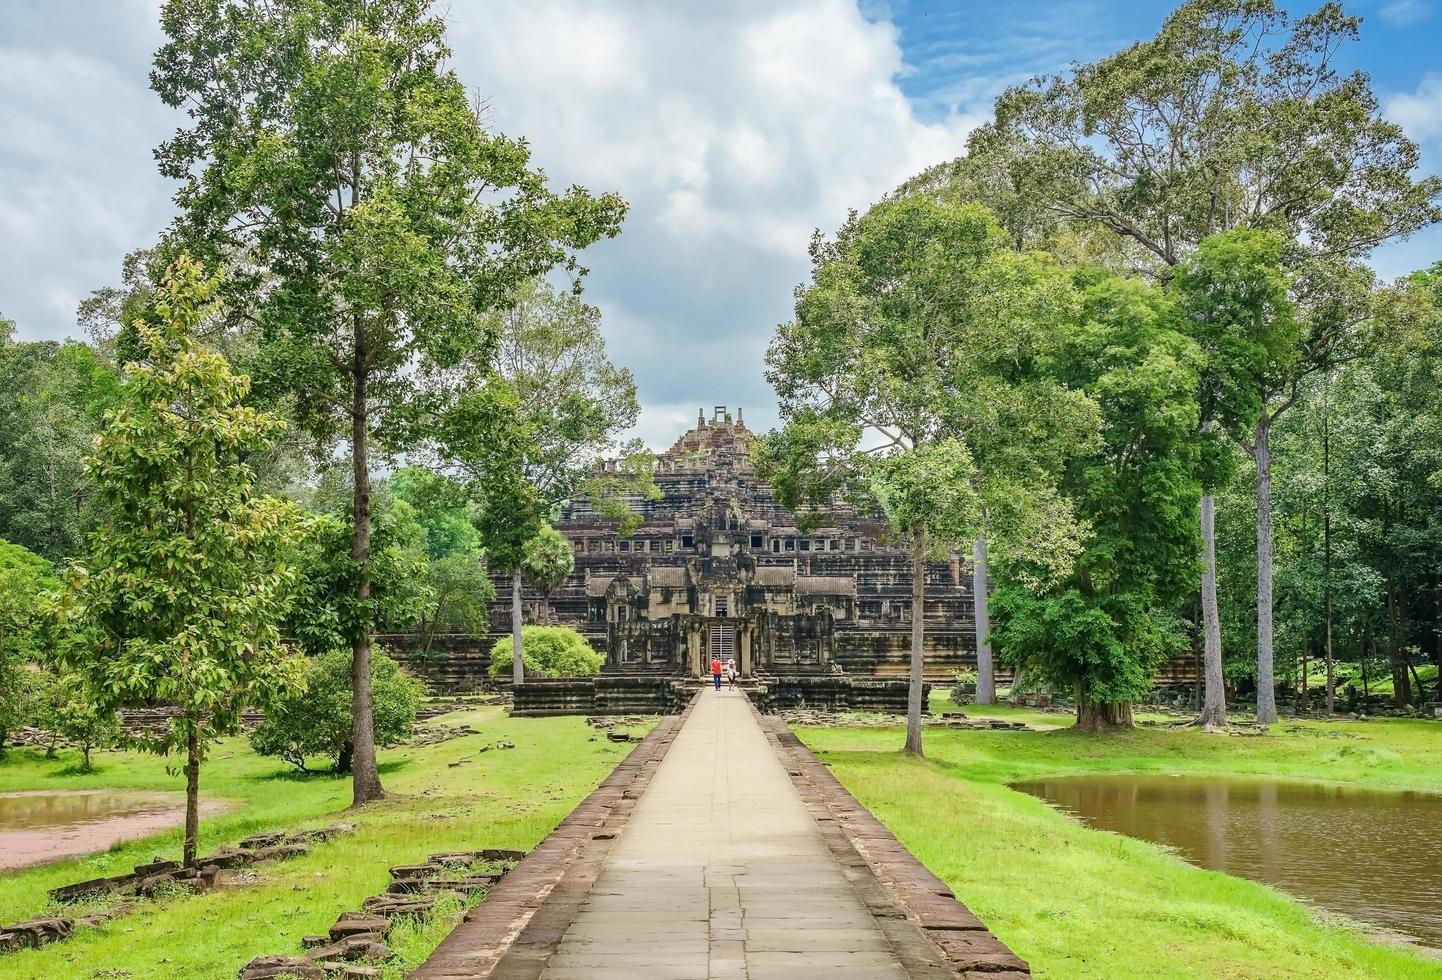 Vista del templo de Baphuon, Angkor Thom, Siem Reap, Camboya foto